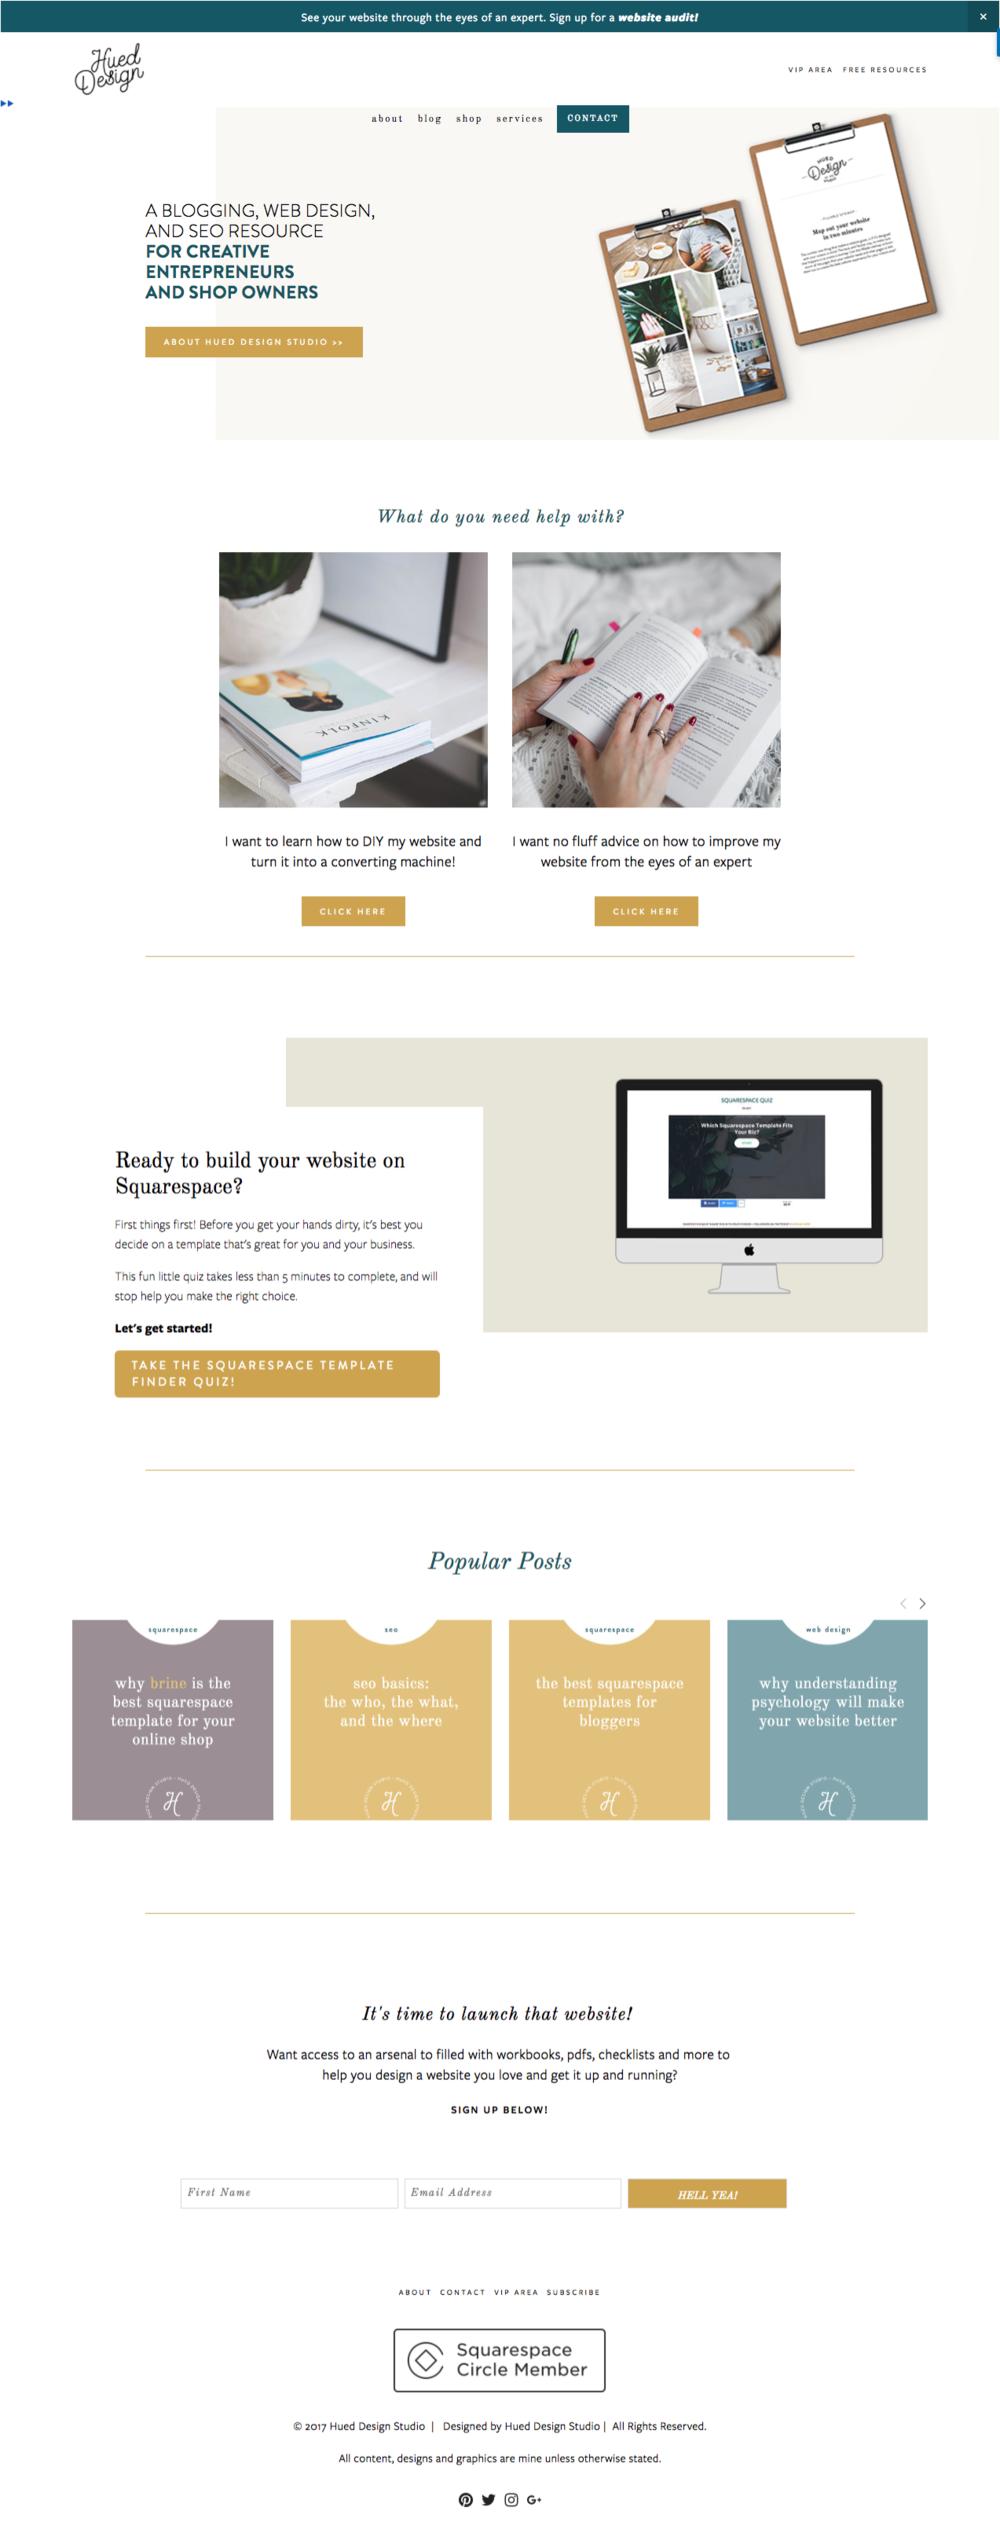 hueddesignstudio-squarespace-web-designer-homepage-design